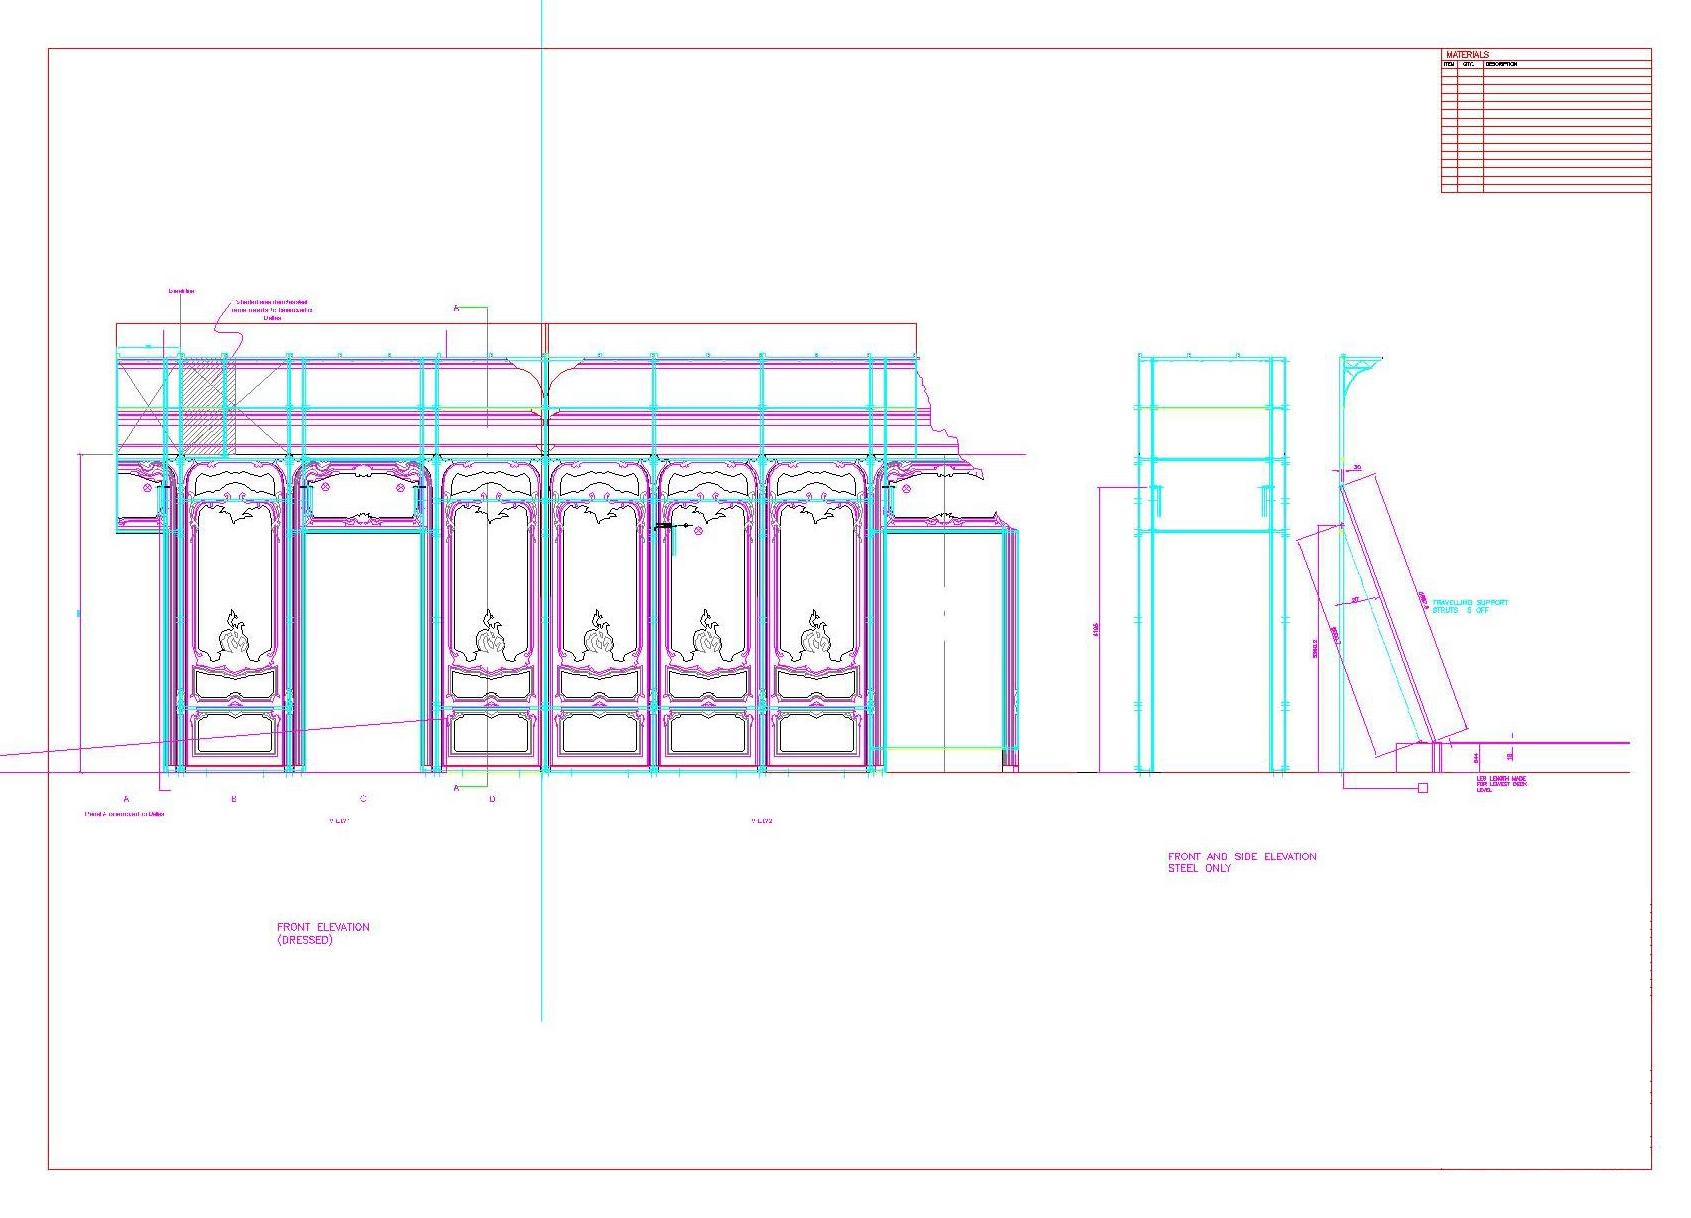 delstar-interior-wall-struts-model